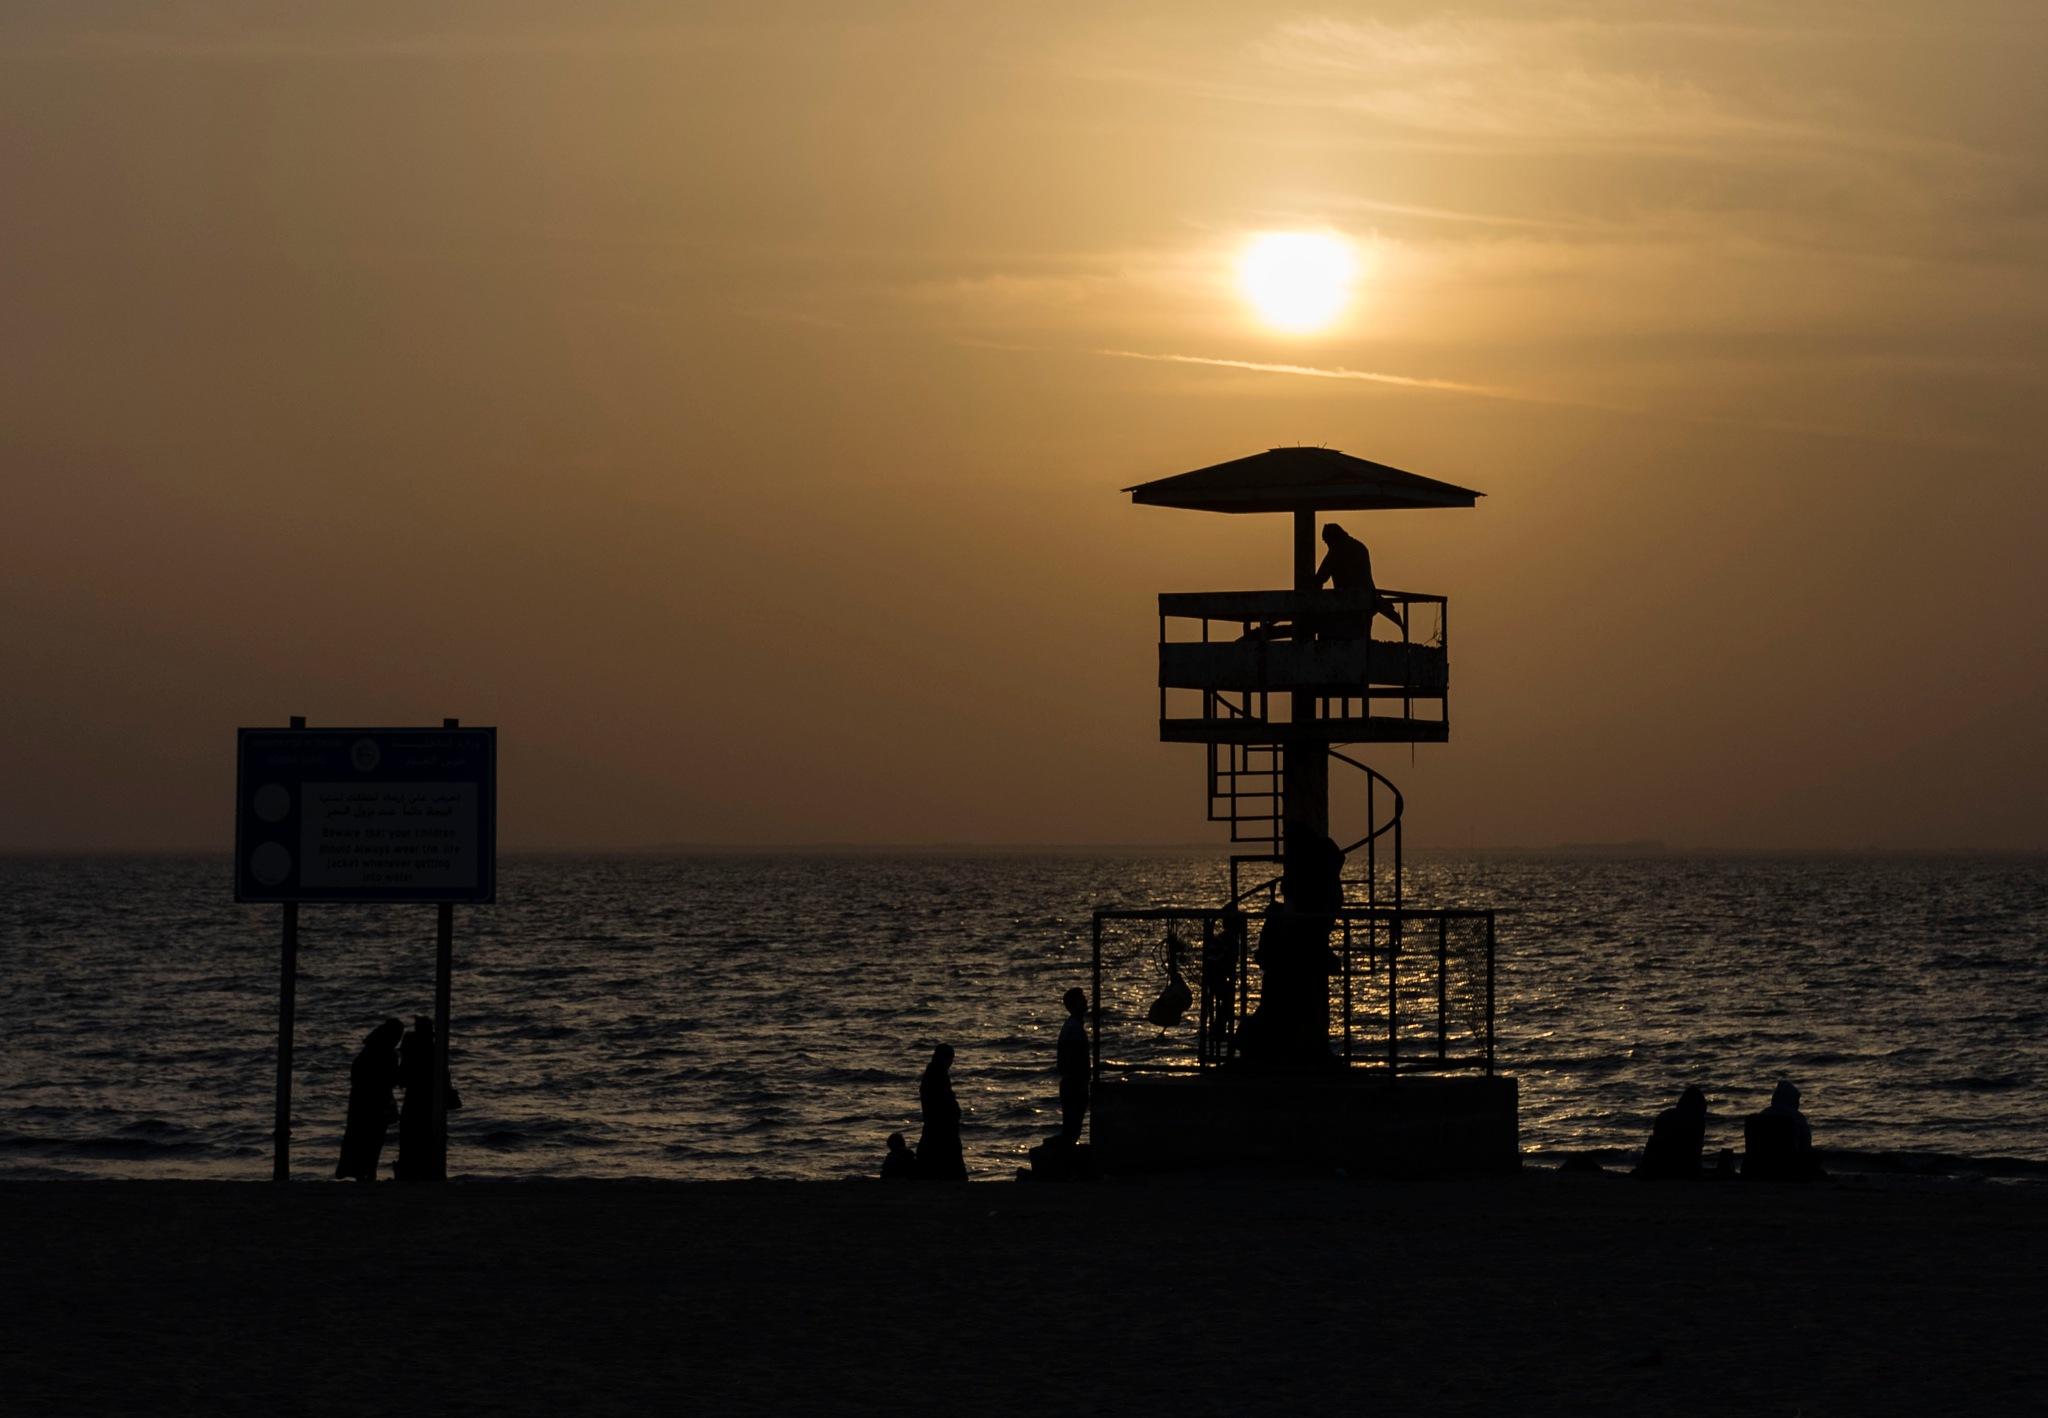 Sun set in Khobar / KSA by Nedim Karabulut